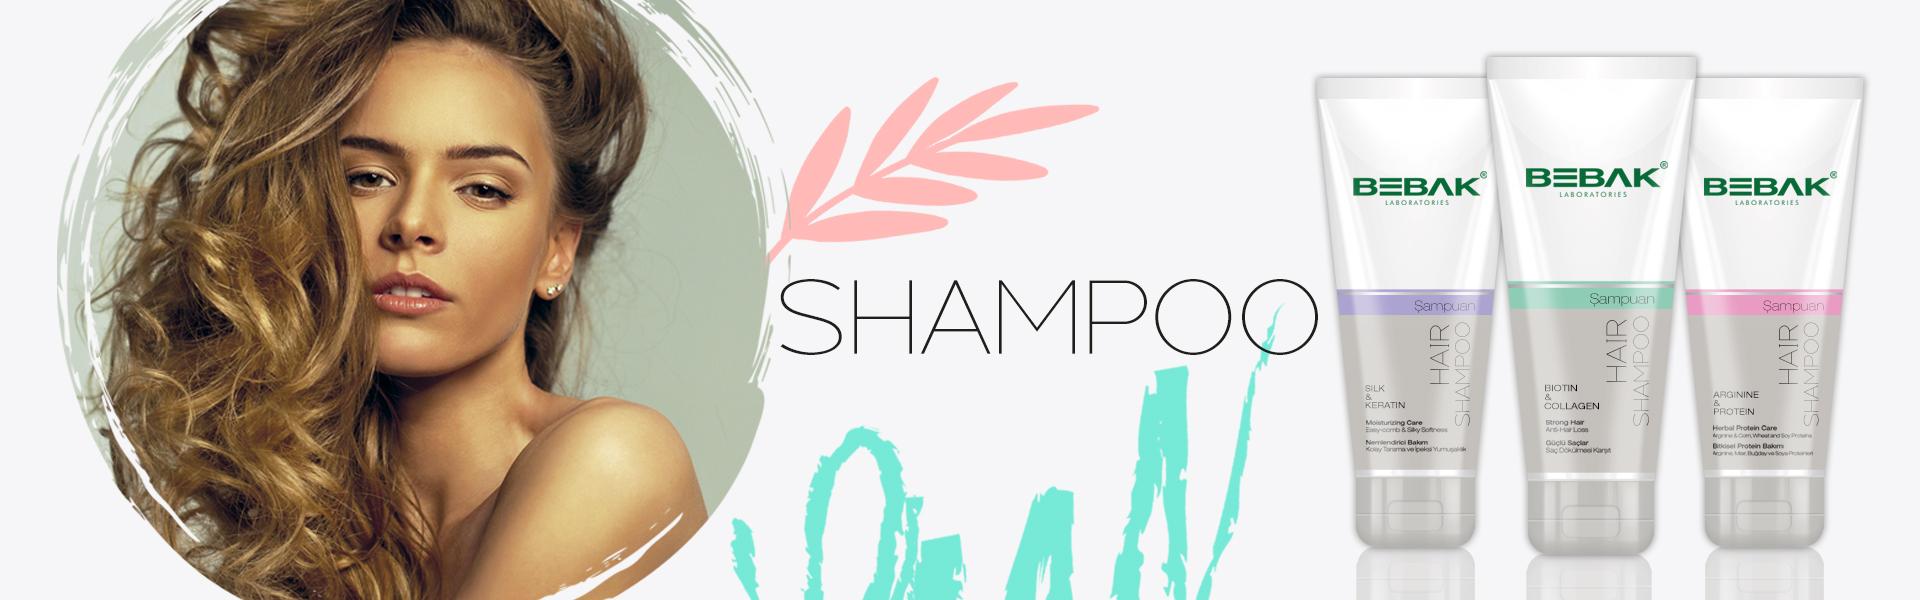 Bebak Shampoo